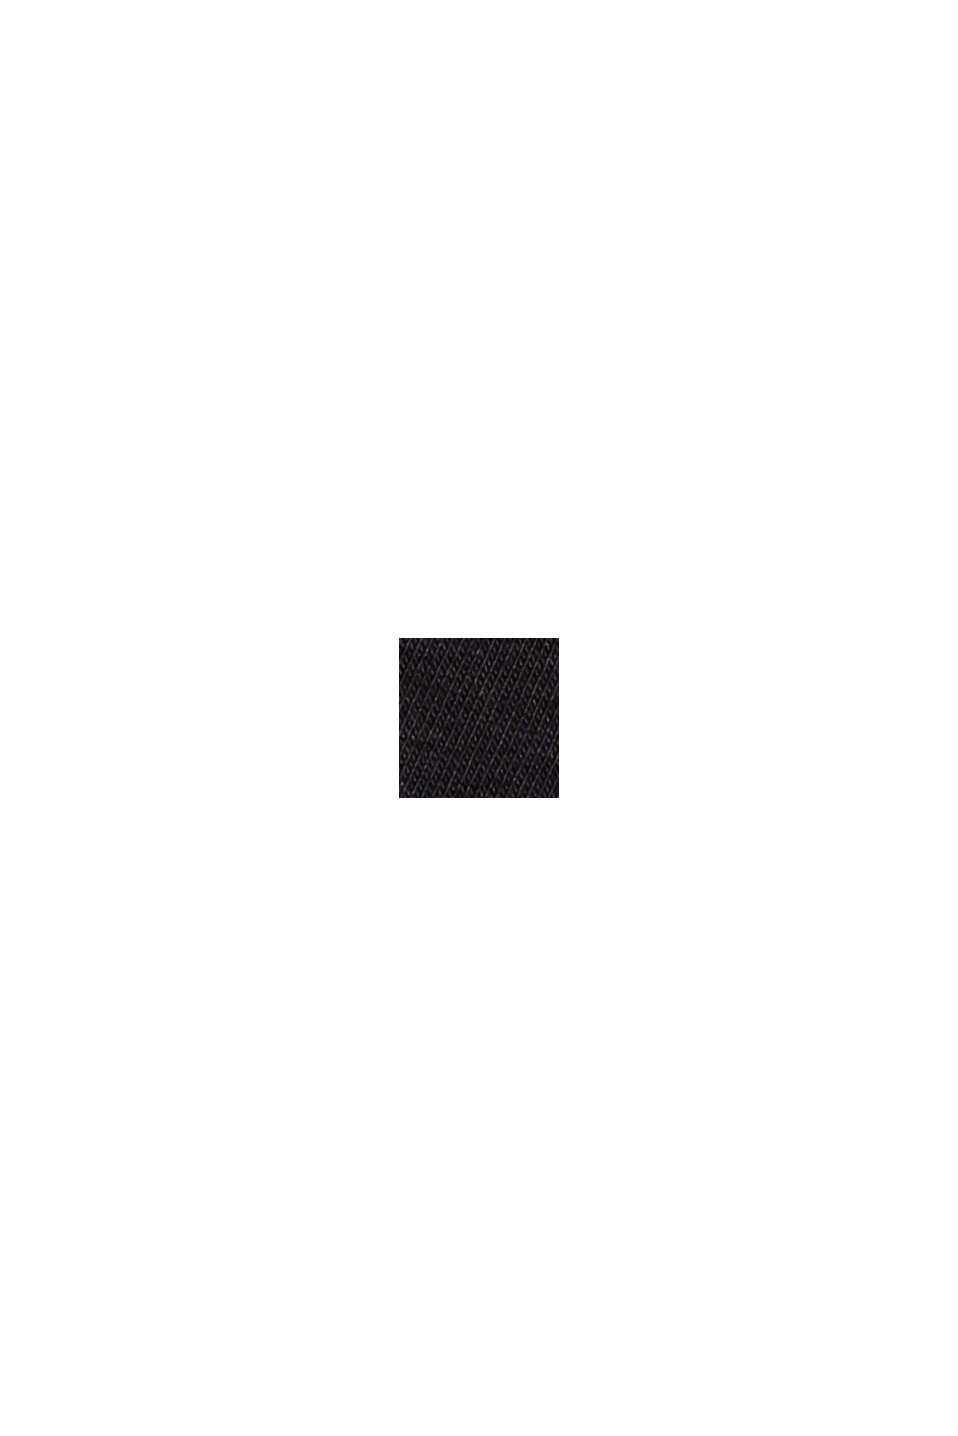 Sportshirt met mesh inzet, biologisch katoen, BLACK, swatch